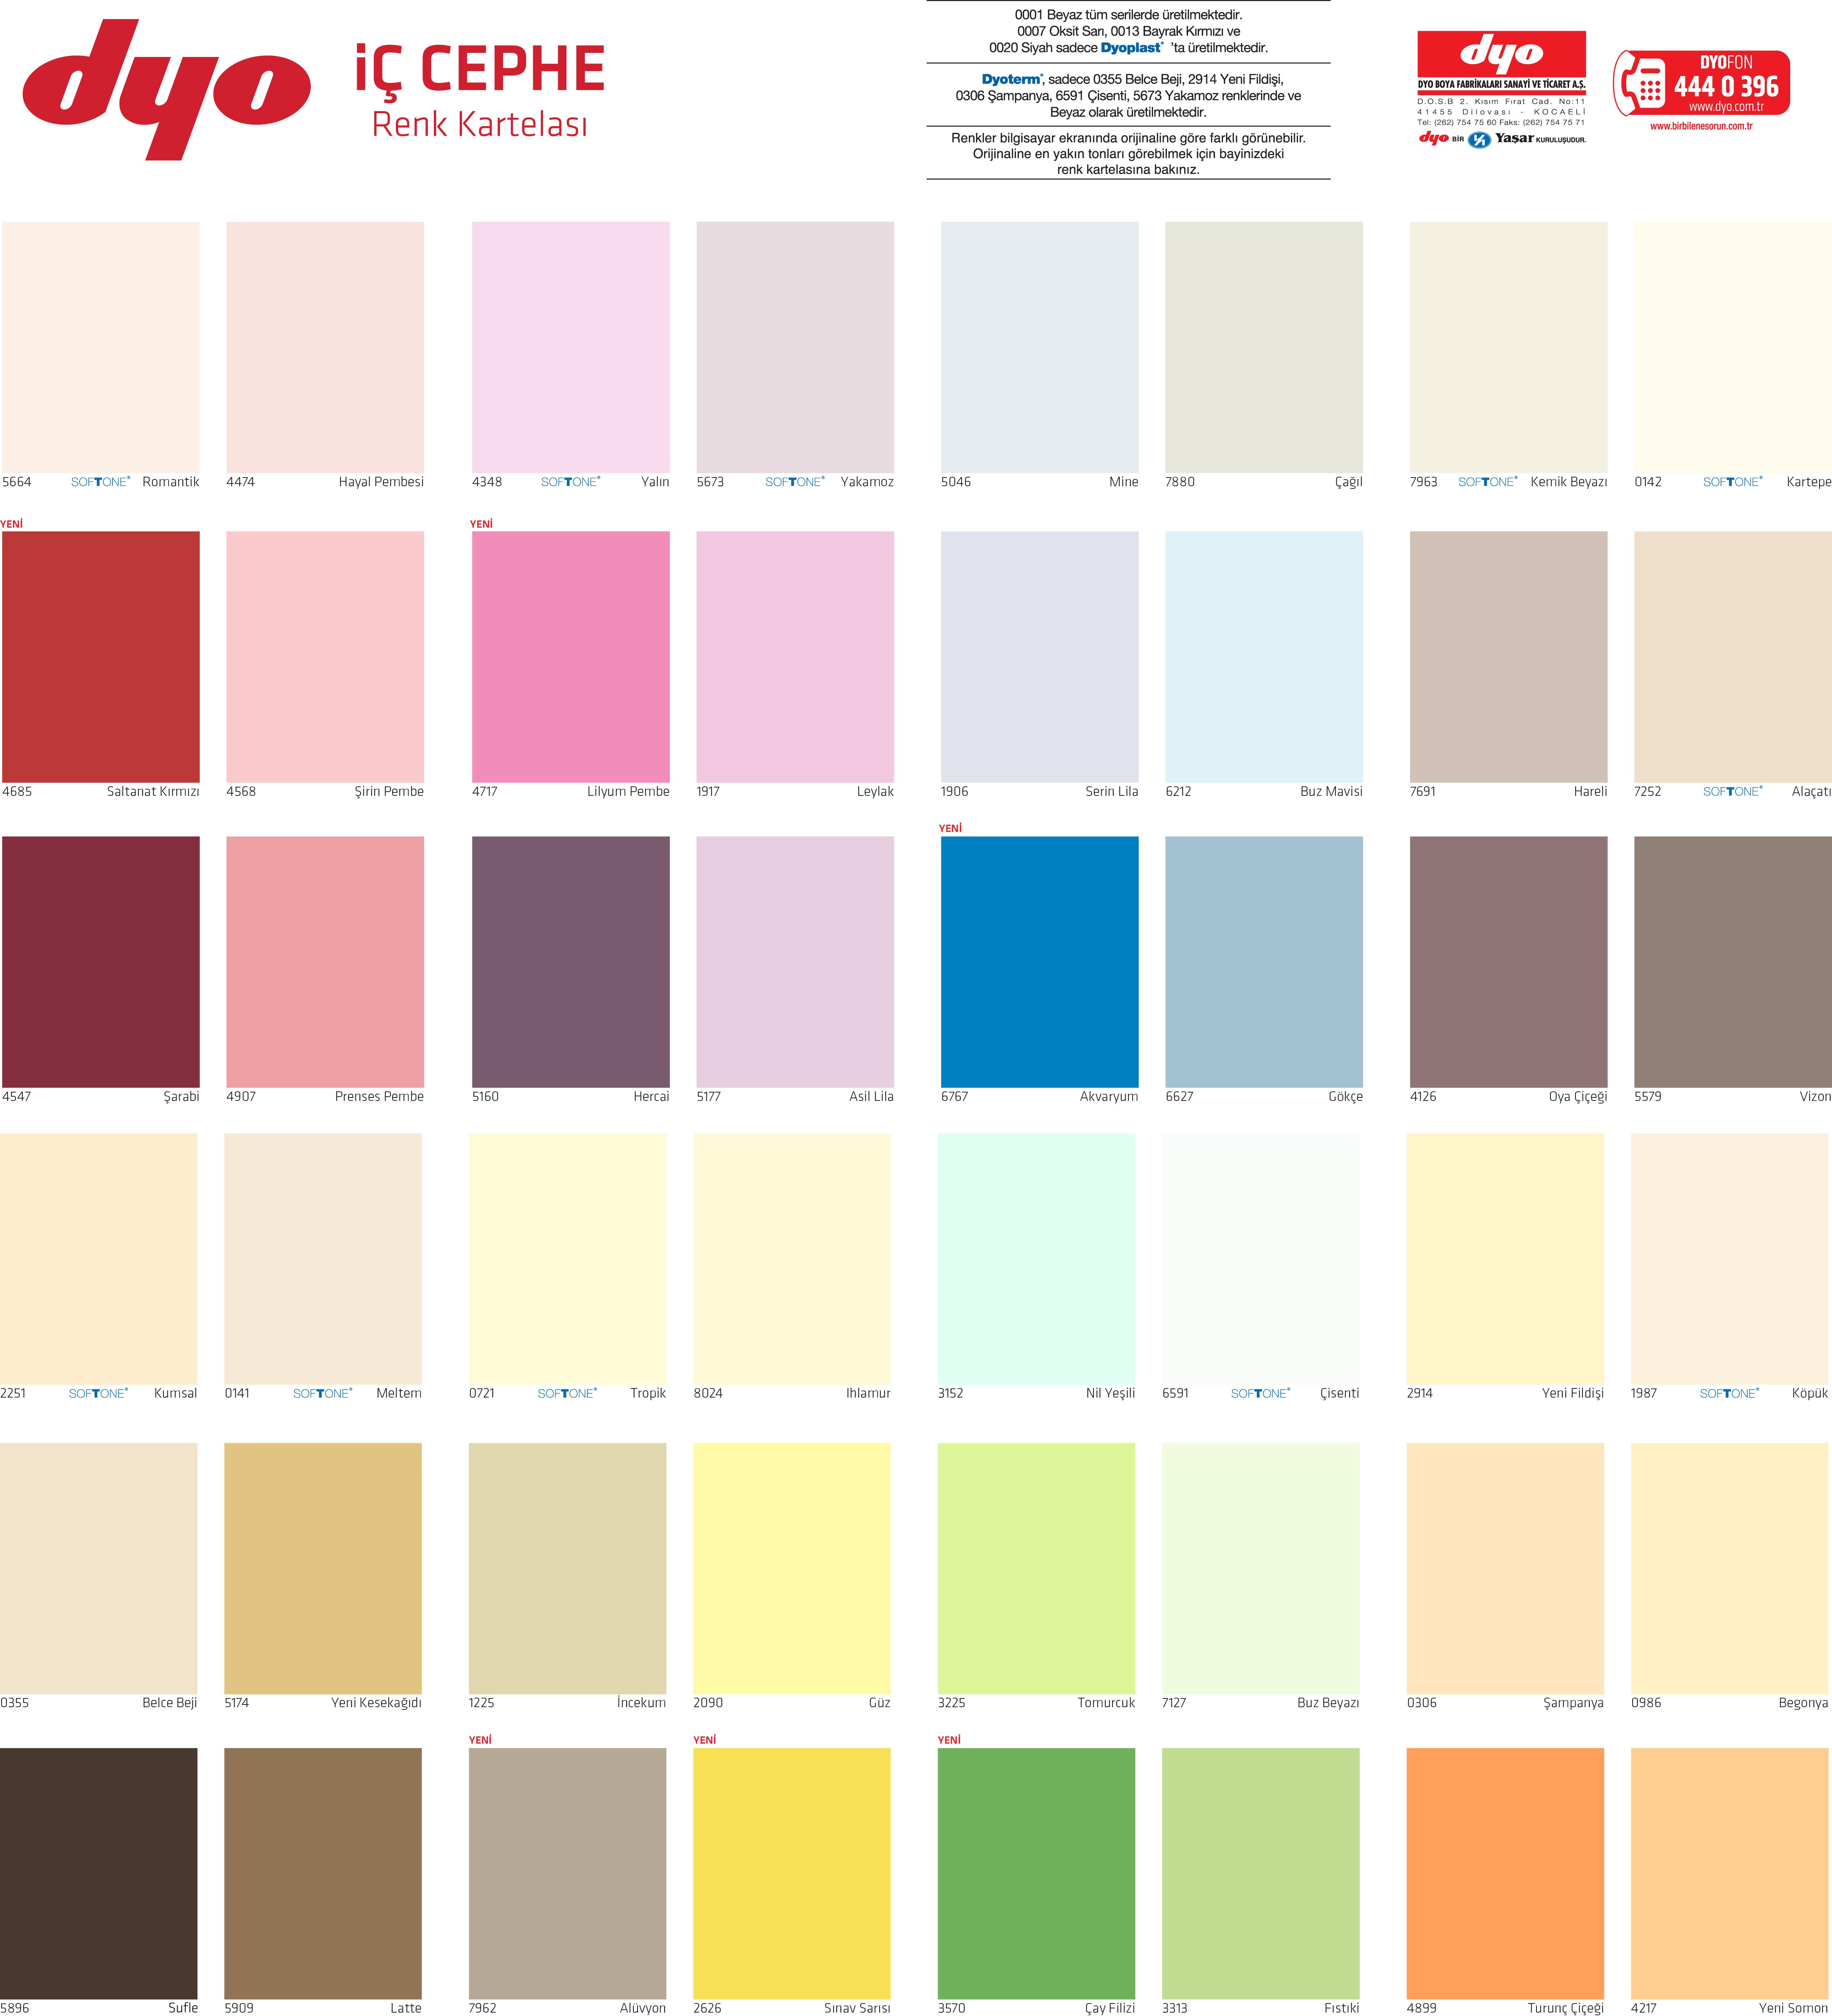 Dyo Renk Kataloğu 2018 Iç Cephe Renk Kartelası 4 Usta 1 Günde